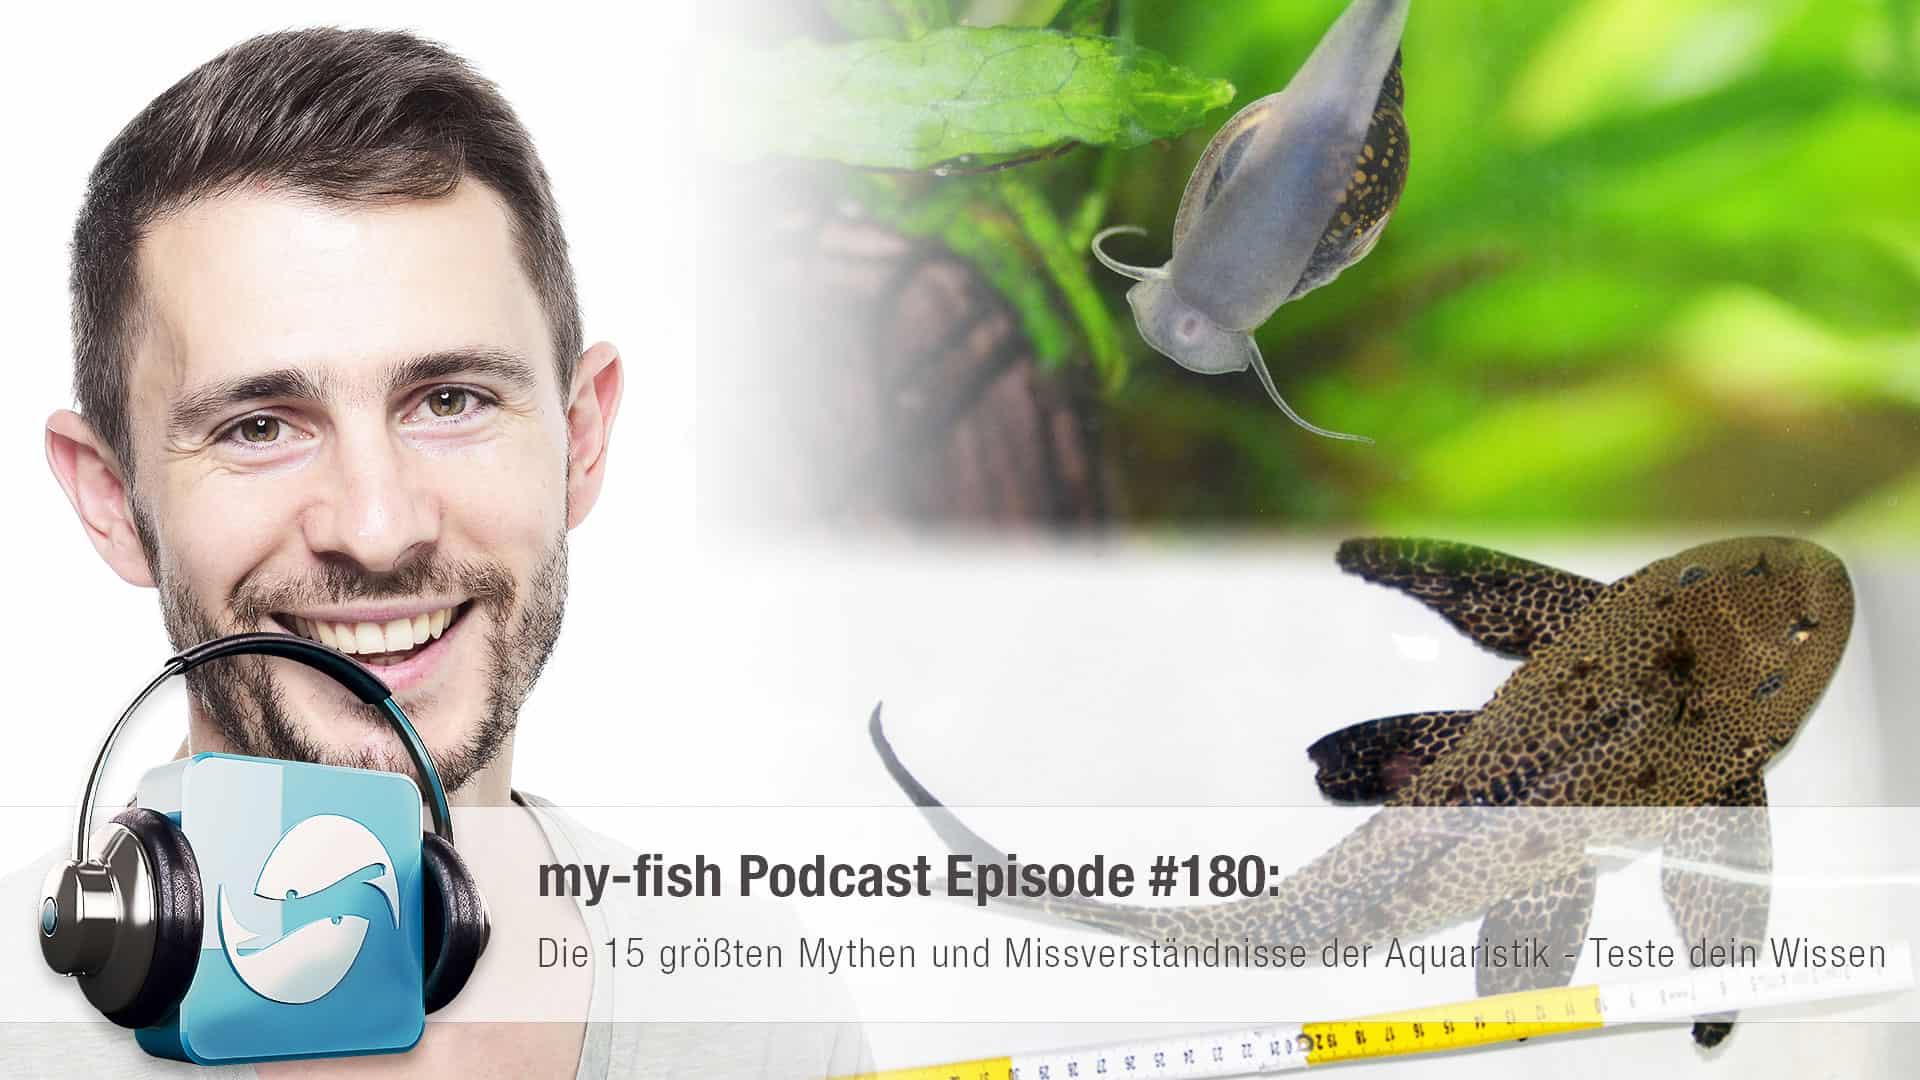 180 Die 15 größten Mythen und Missverständnisse der Aquaristik 1